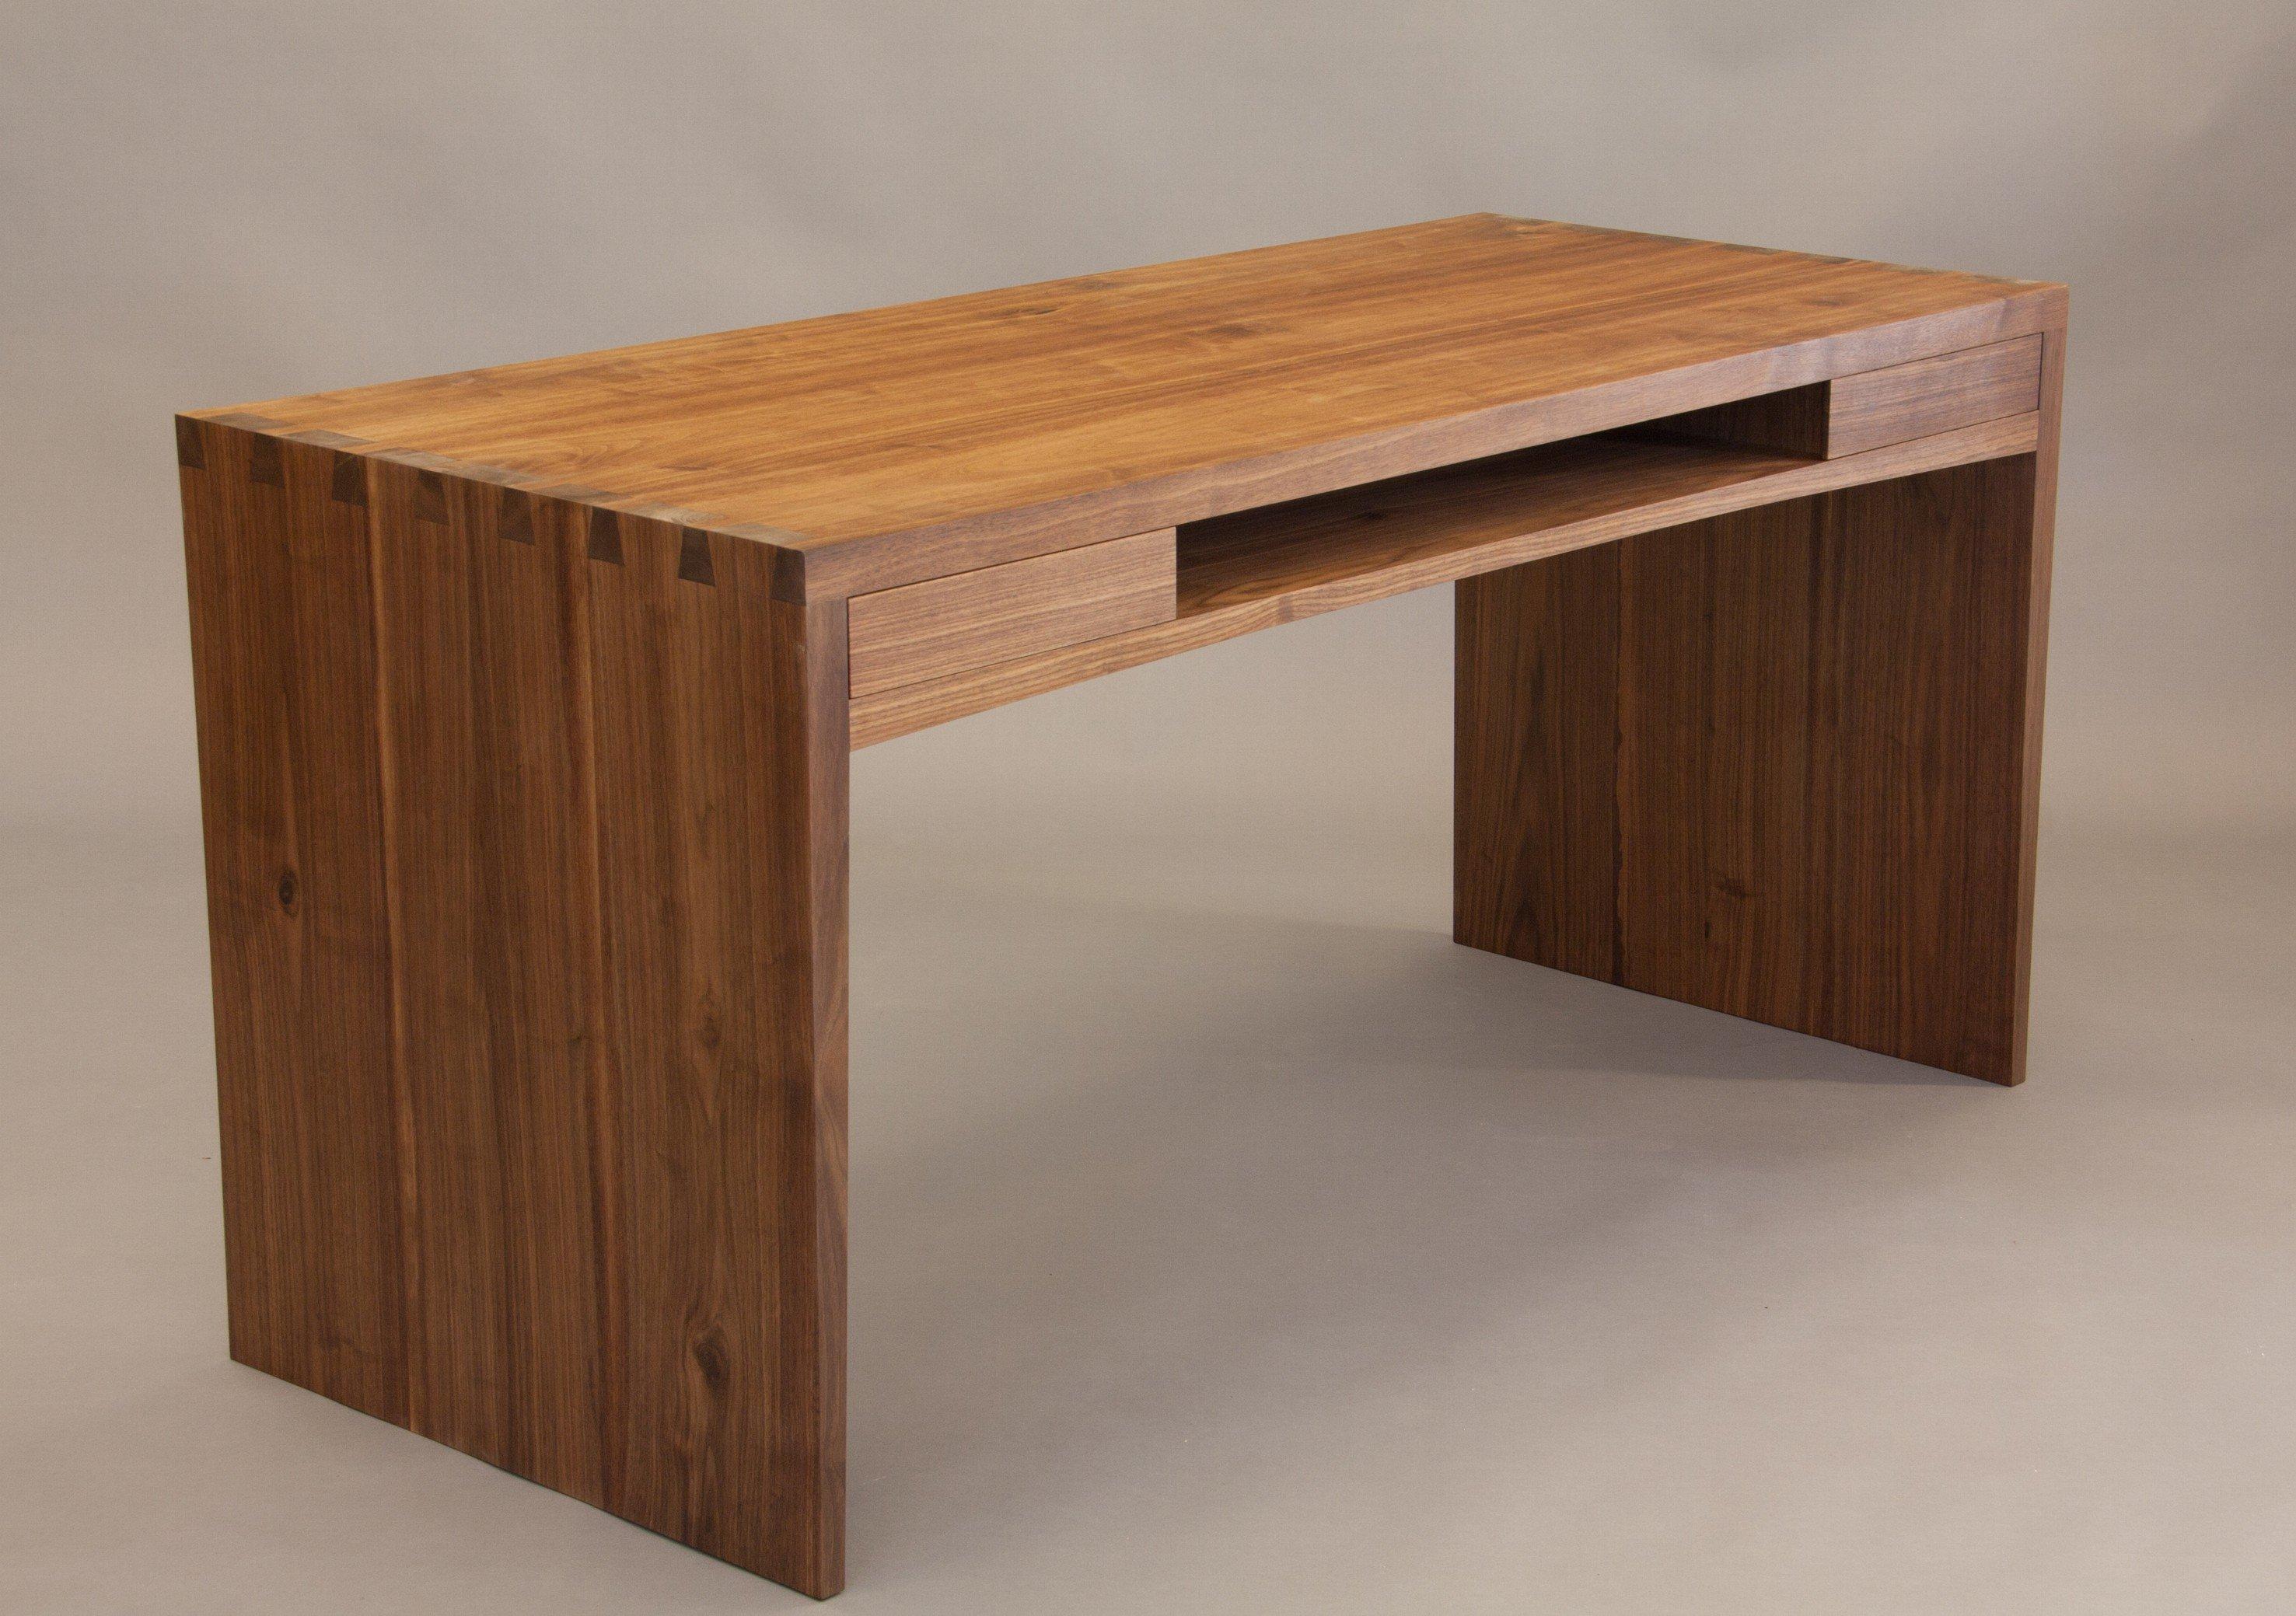 Die Oberfläche Seines Gesellenstückes, Ein Kompakter Schreibtisch In  Amerikanischem Nussbaum, Ist Ebenfalls Geölt. (Foto: Berufsfachschule  Berchtesgaden)